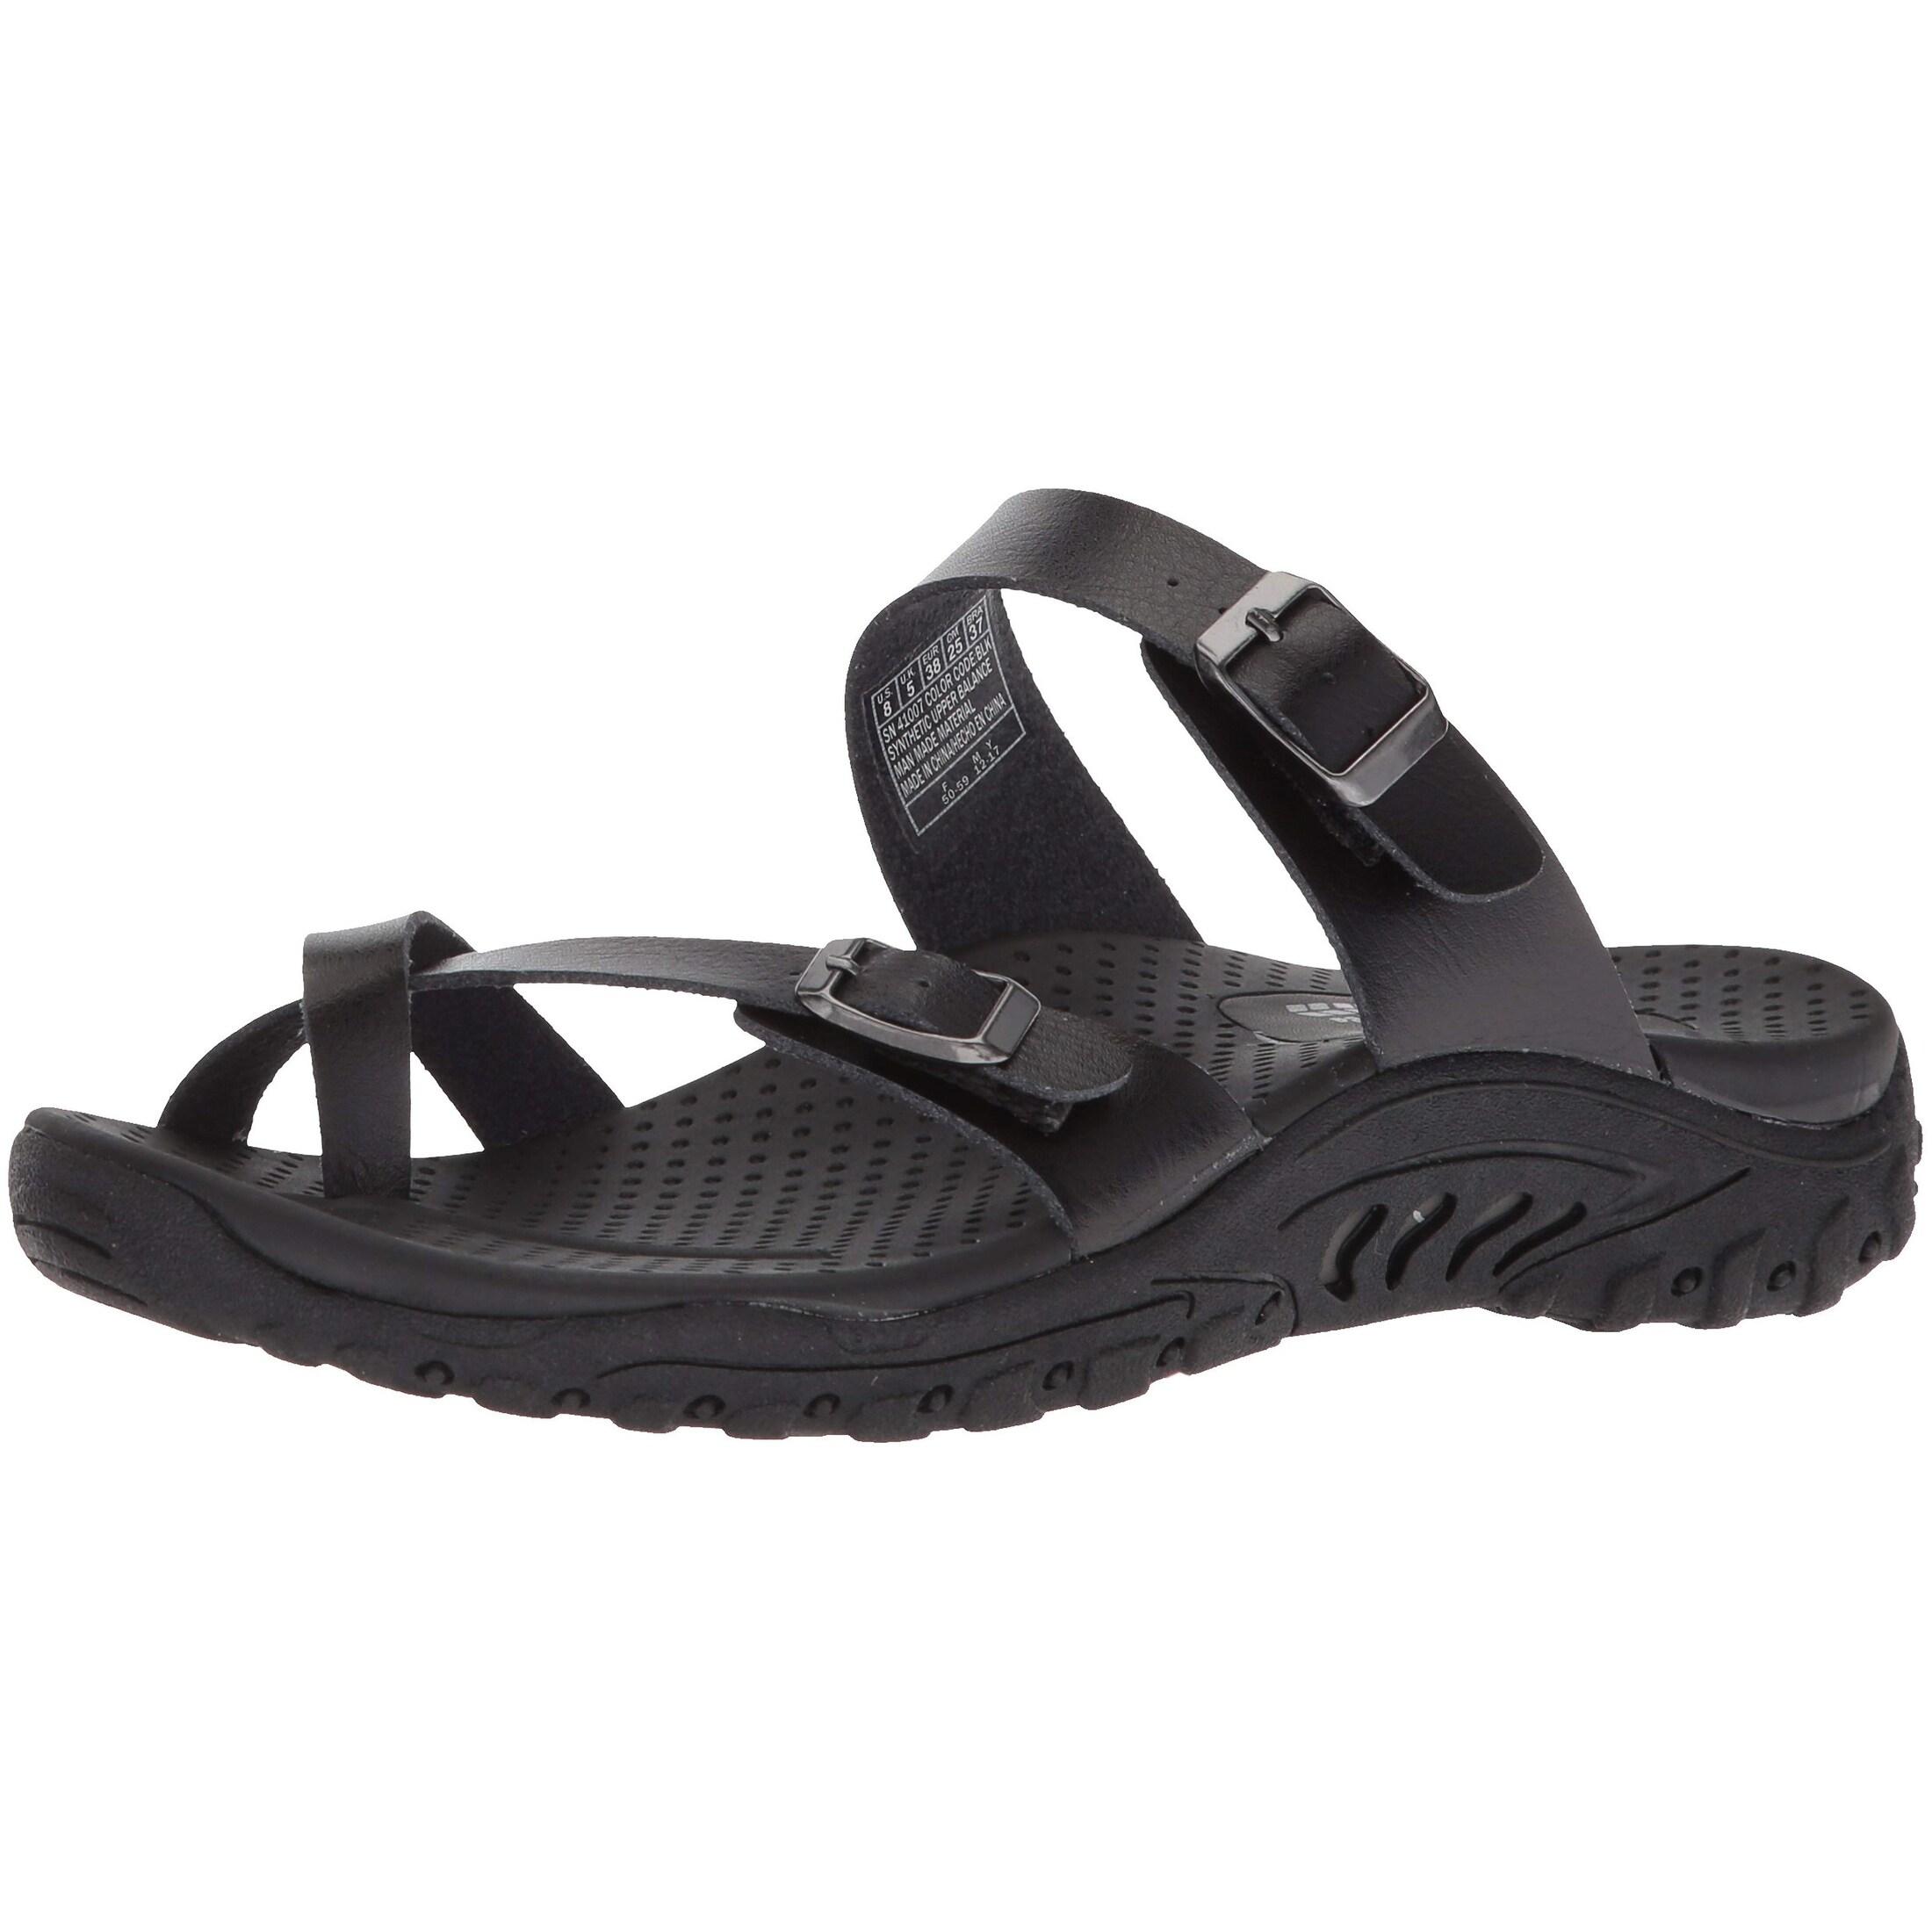 Skechers Women's Reggae Carribean Double Buckle Toe Thong Slide Sandal, Black